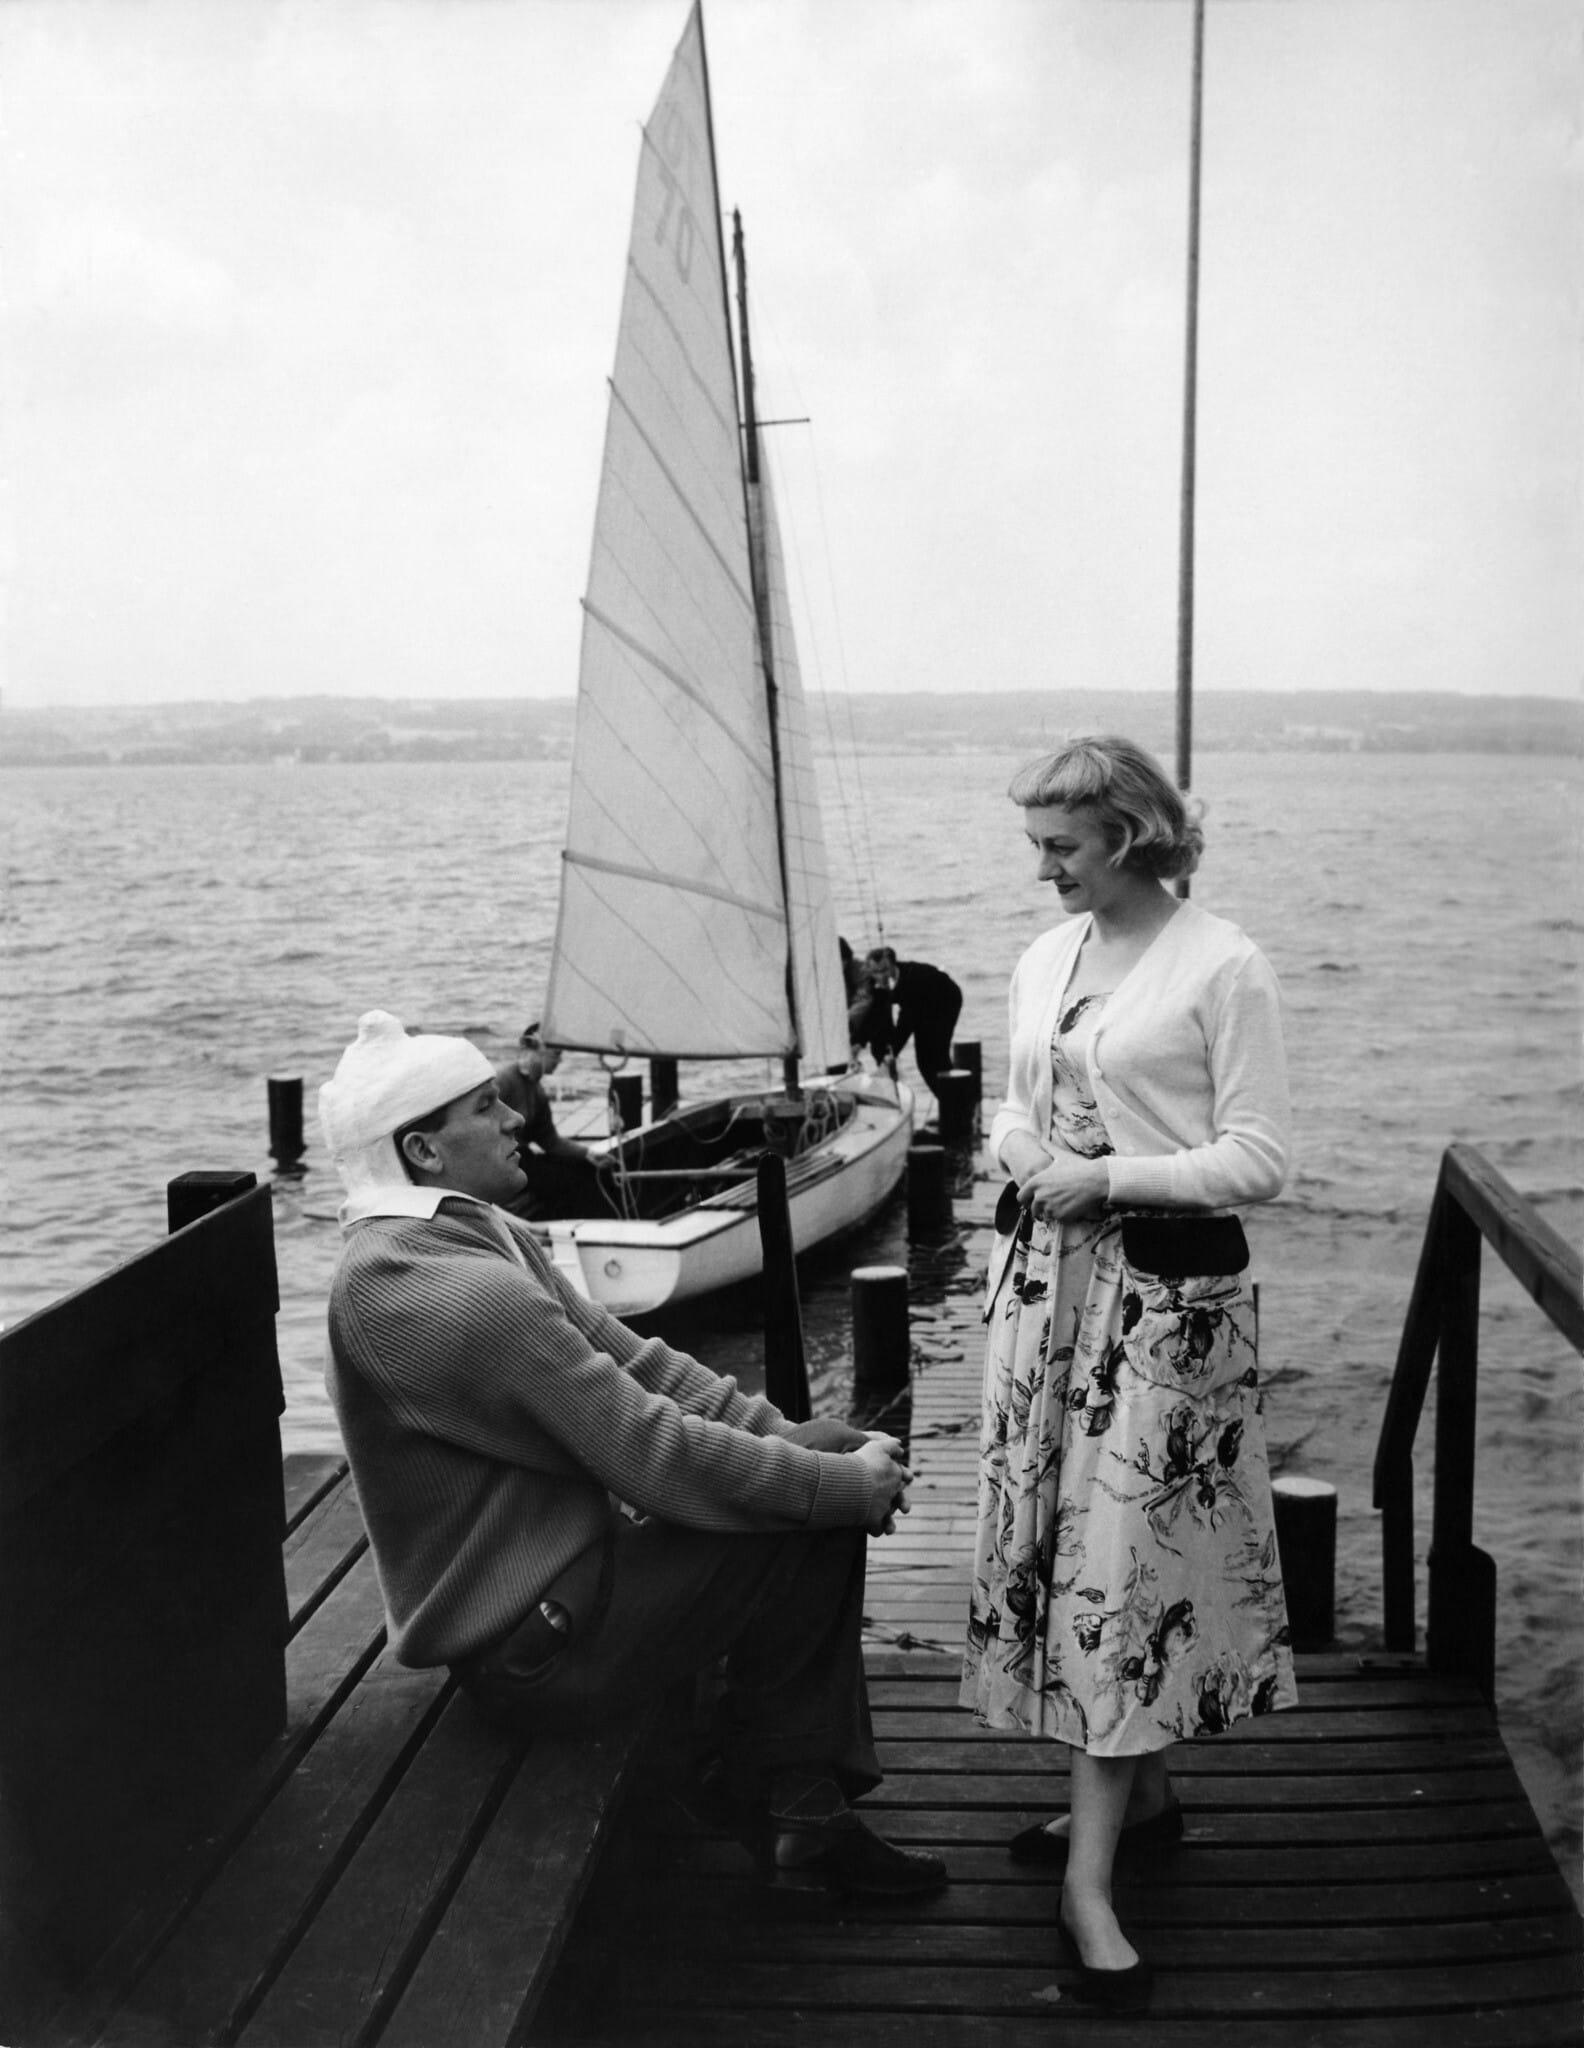 ברט טראוטמן ואשתו מרגרט נופשים בגרמניה, 1956 (צילום: AP Photo/Heinrich Sanden Jr)